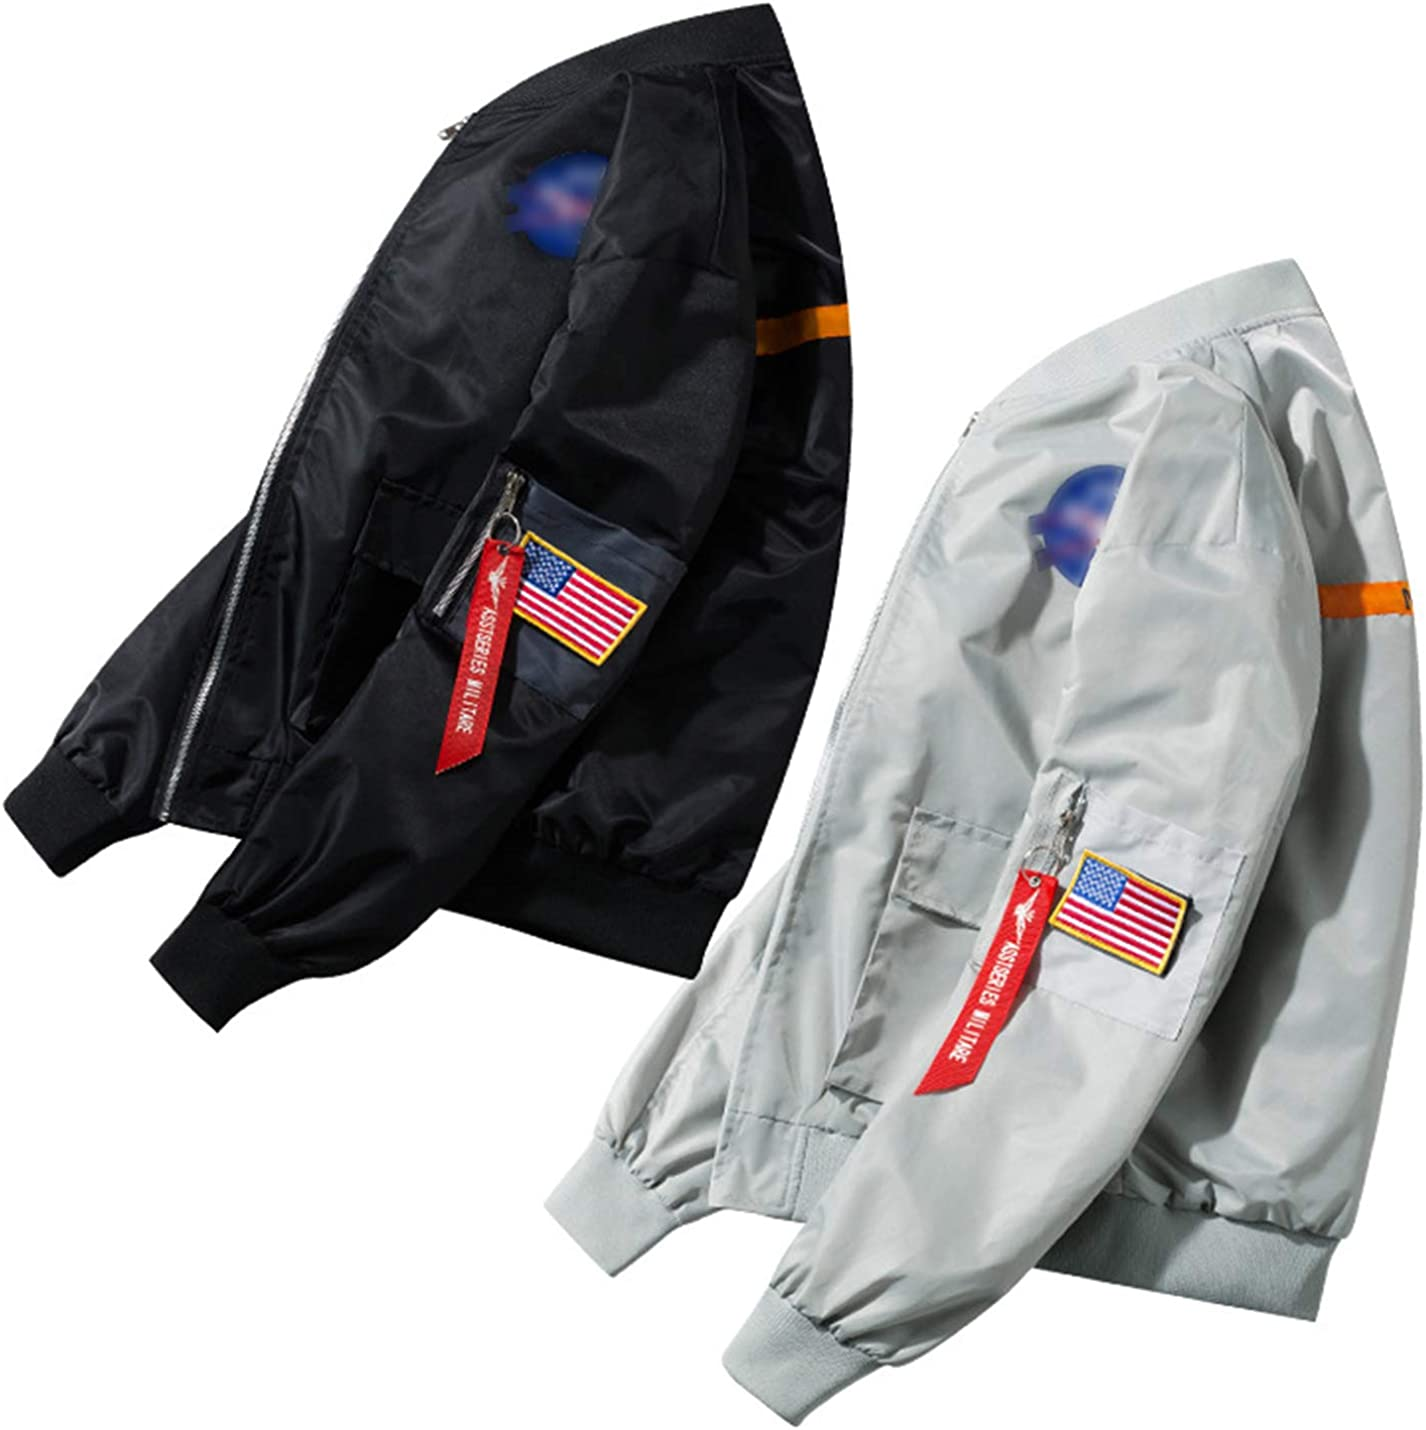 PEHMEA Mens Casual Long-Sleeve NASA Air Force Full-Zip Flight Bomber Jacket Coat Windbreaker